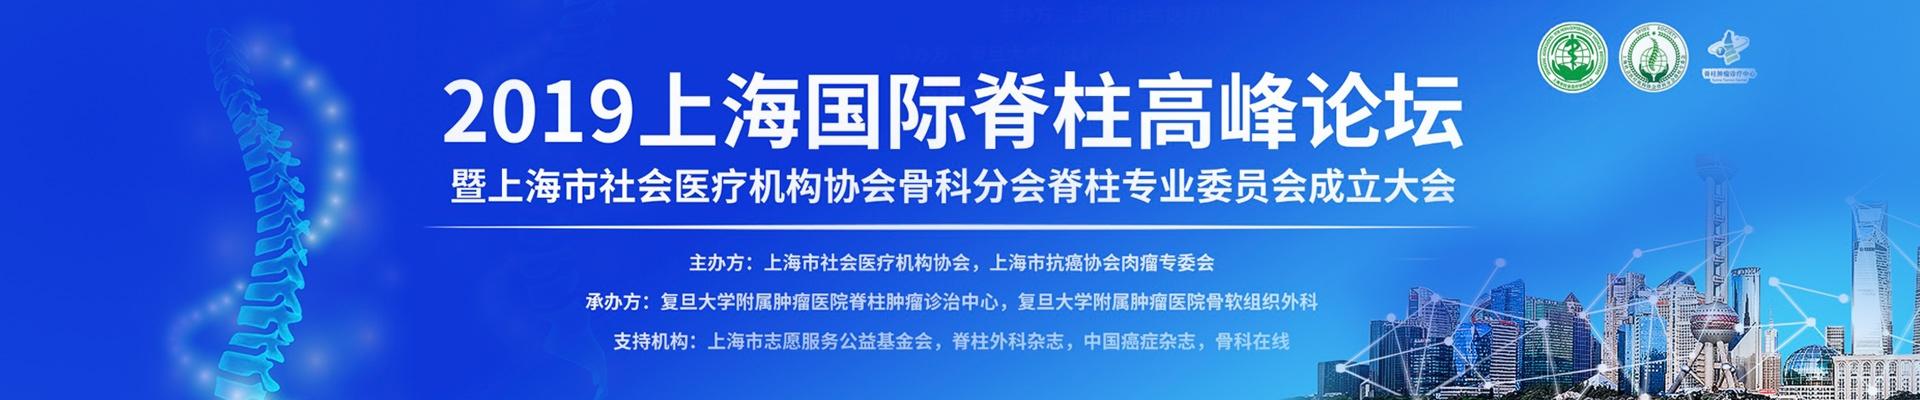 2019上海國際脊柱高峰論壇